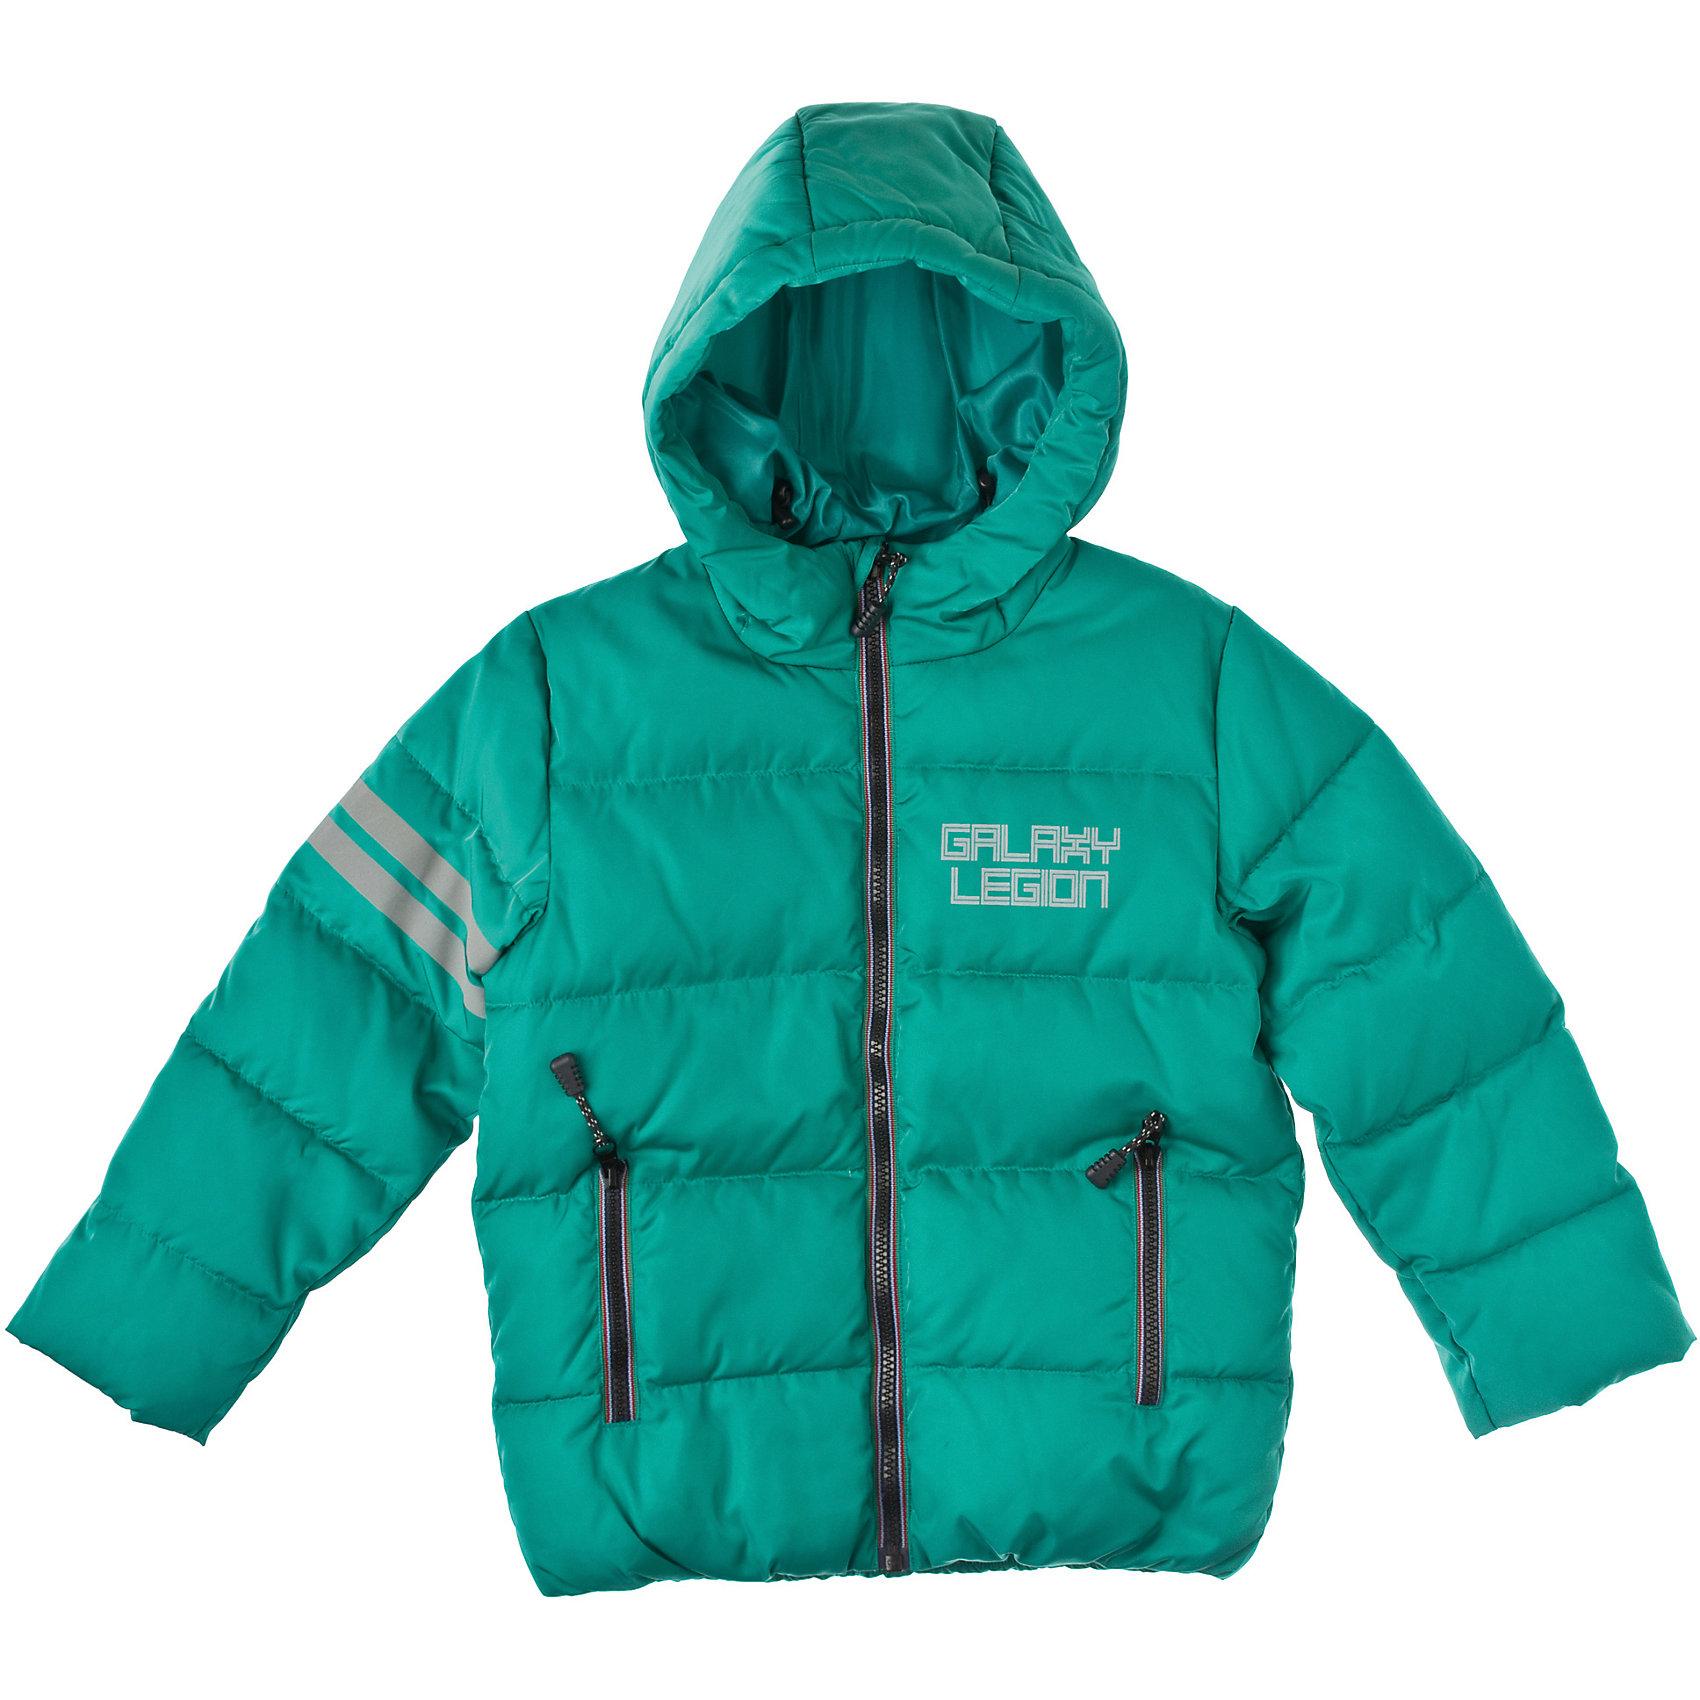 Куртка для мальчика PlayTodayДемисезонные куртки<br>Куртка для мальчика PlayToday Яркая теплая куртка на молнии из непромокаемой ткани с капюшоном. Есть защита от ветра, как в спортивной одежде, и два кармана на молниях. Состав: Верх: 100% полиэстер, подкладка: 100% полиэстер, наполнитель: 62% полиэстер, 30% пух, 8% перо<br><br>Ширина мм: 356<br>Глубина мм: 10<br>Высота мм: 245<br>Вес г: 519<br>Цвет: зеленый<br>Возраст от месяцев: 36<br>Возраст до месяцев: 48<br>Пол: Мужской<br>Возраст: Детский<br>Размер: 104,98,110,128,122,116<br>SKU: 4227763